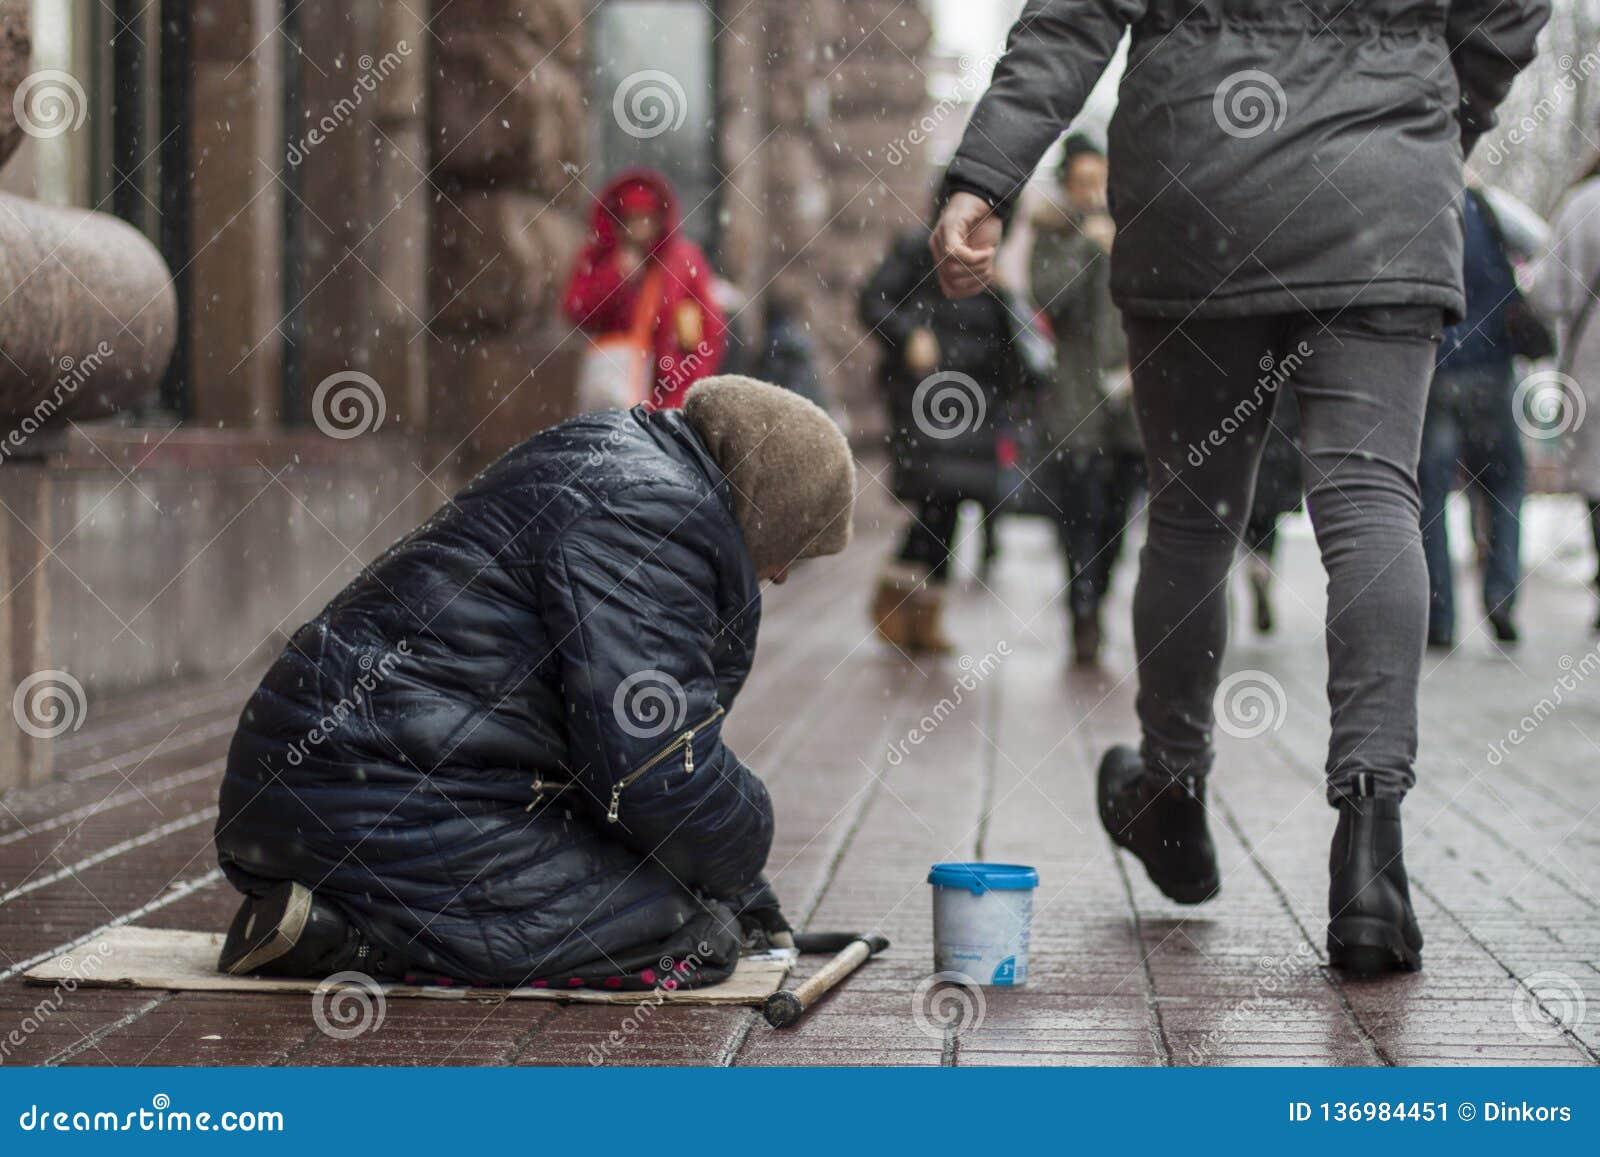 La donna senza tetto affamata del mendicante elemosina soldi sulla via urbana nella città dalla gente che cammina vicino, concett